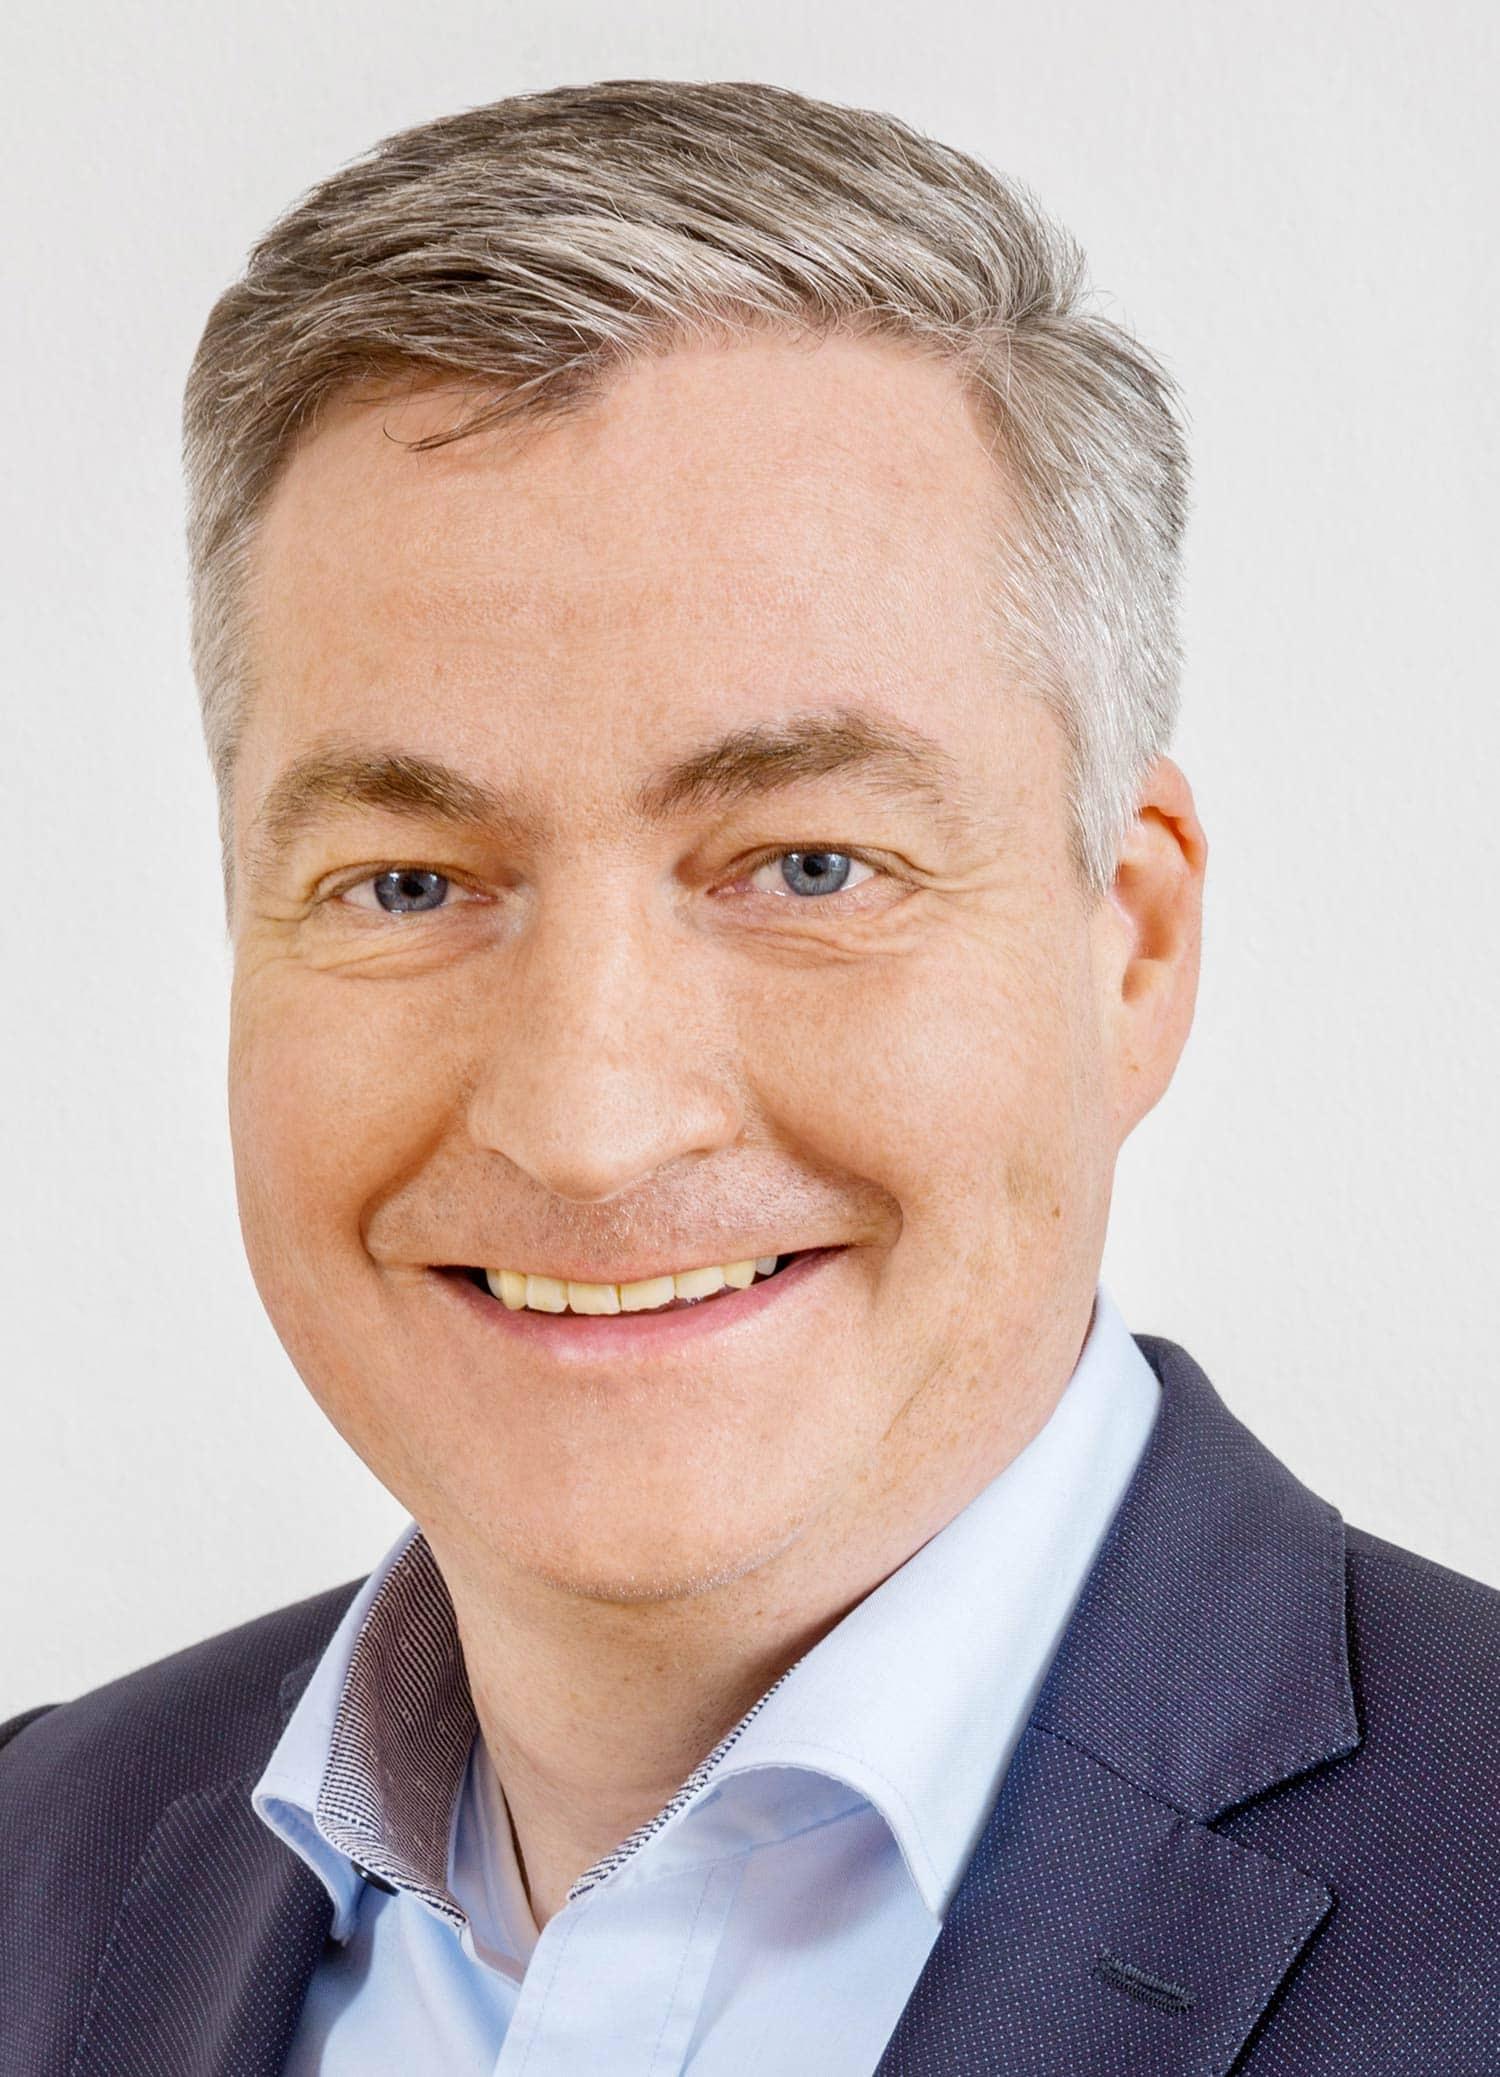 Der seit 2014 amtierende Bürgermeister Thomas Eichenseher (CSU) gewann mit 63,72 Prozent gegen zwei Gegenkandidaten (Mandl und Grundstein-Koller). Die Wahlbeteiligung in der Gemeinde Duggendorf lag bei 78,19 Prozent.